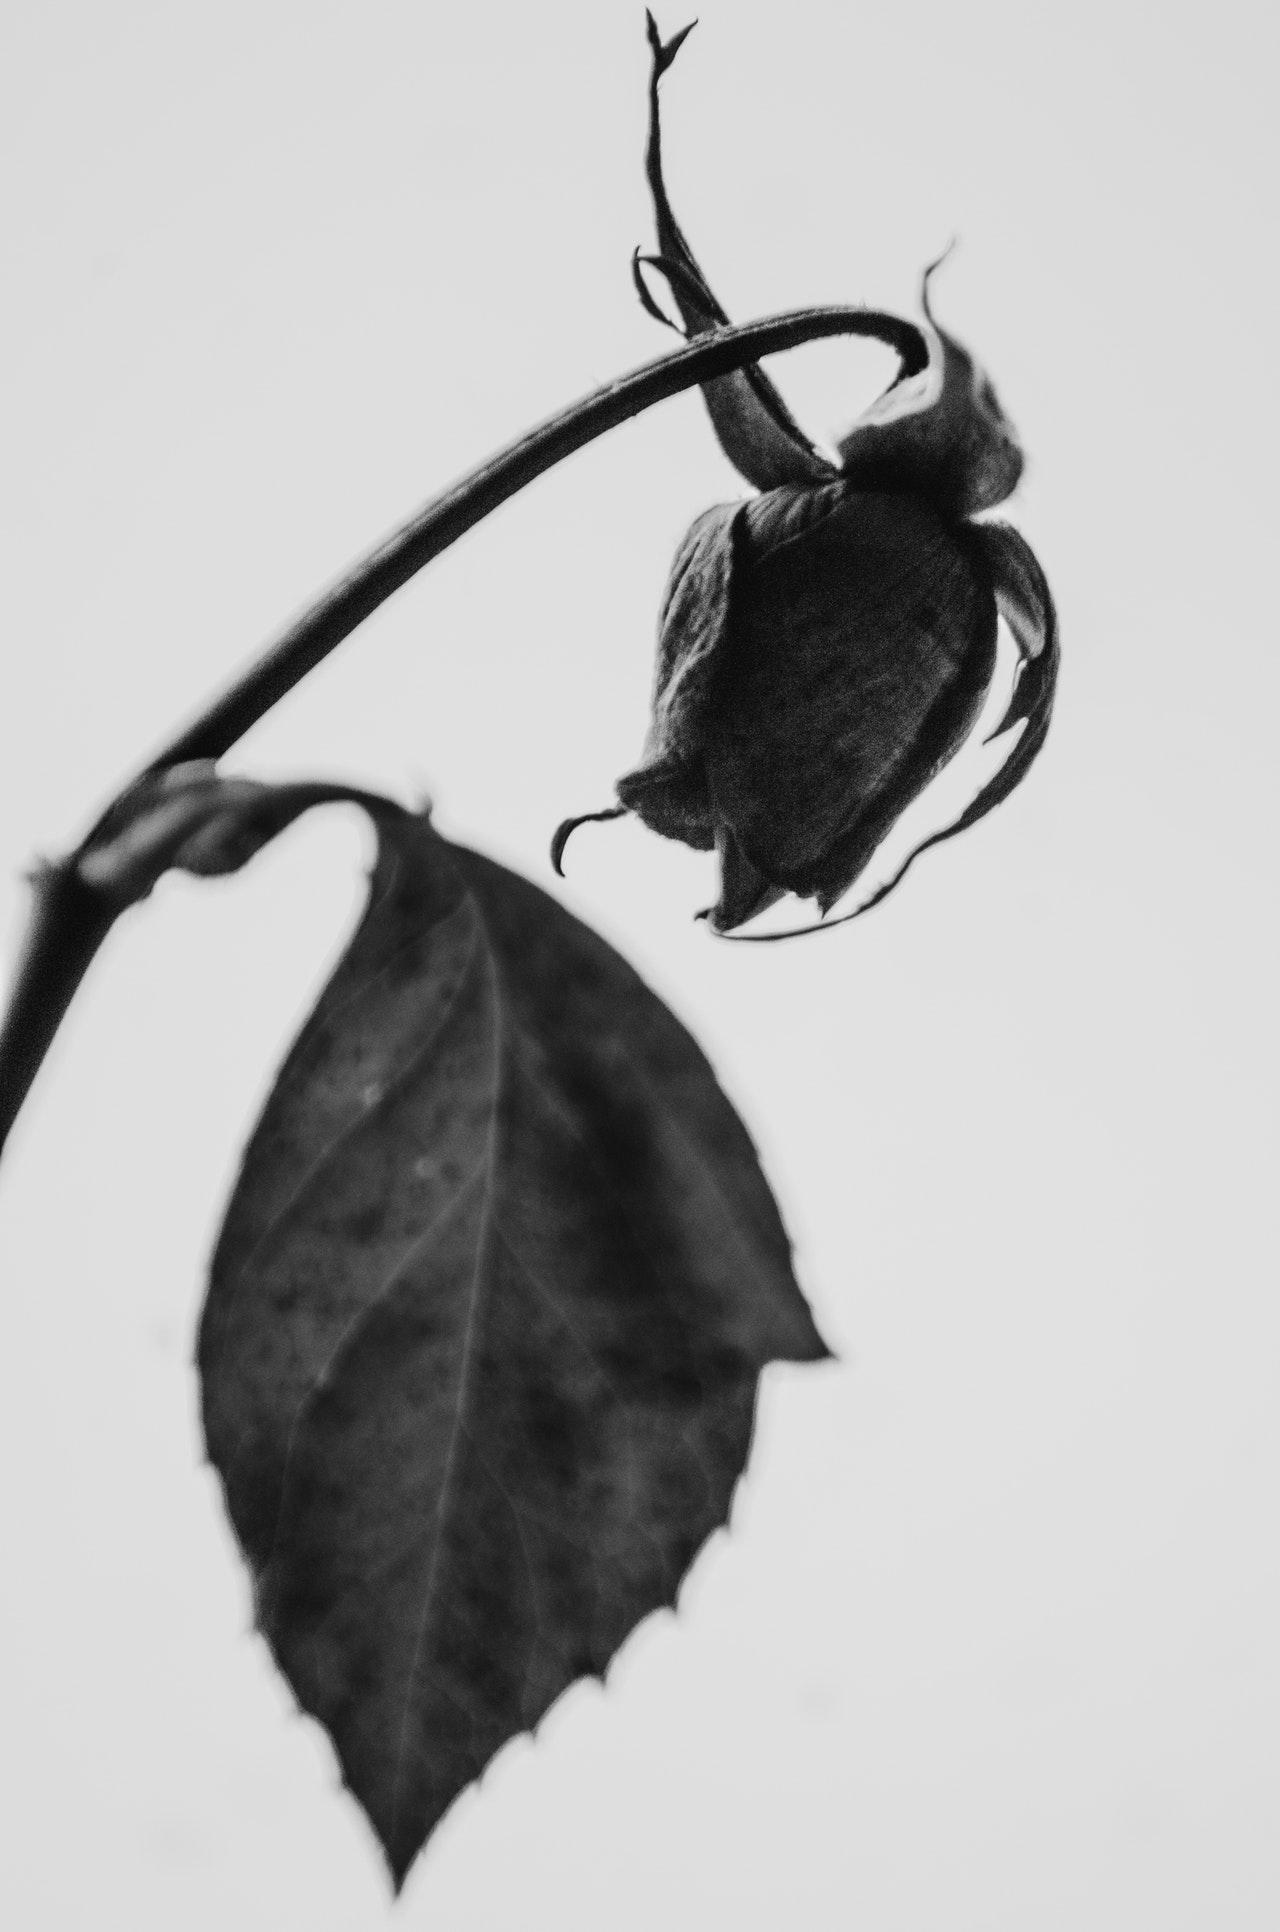 عکس زمینه گل رز مشکی پژمرده پس زمینه